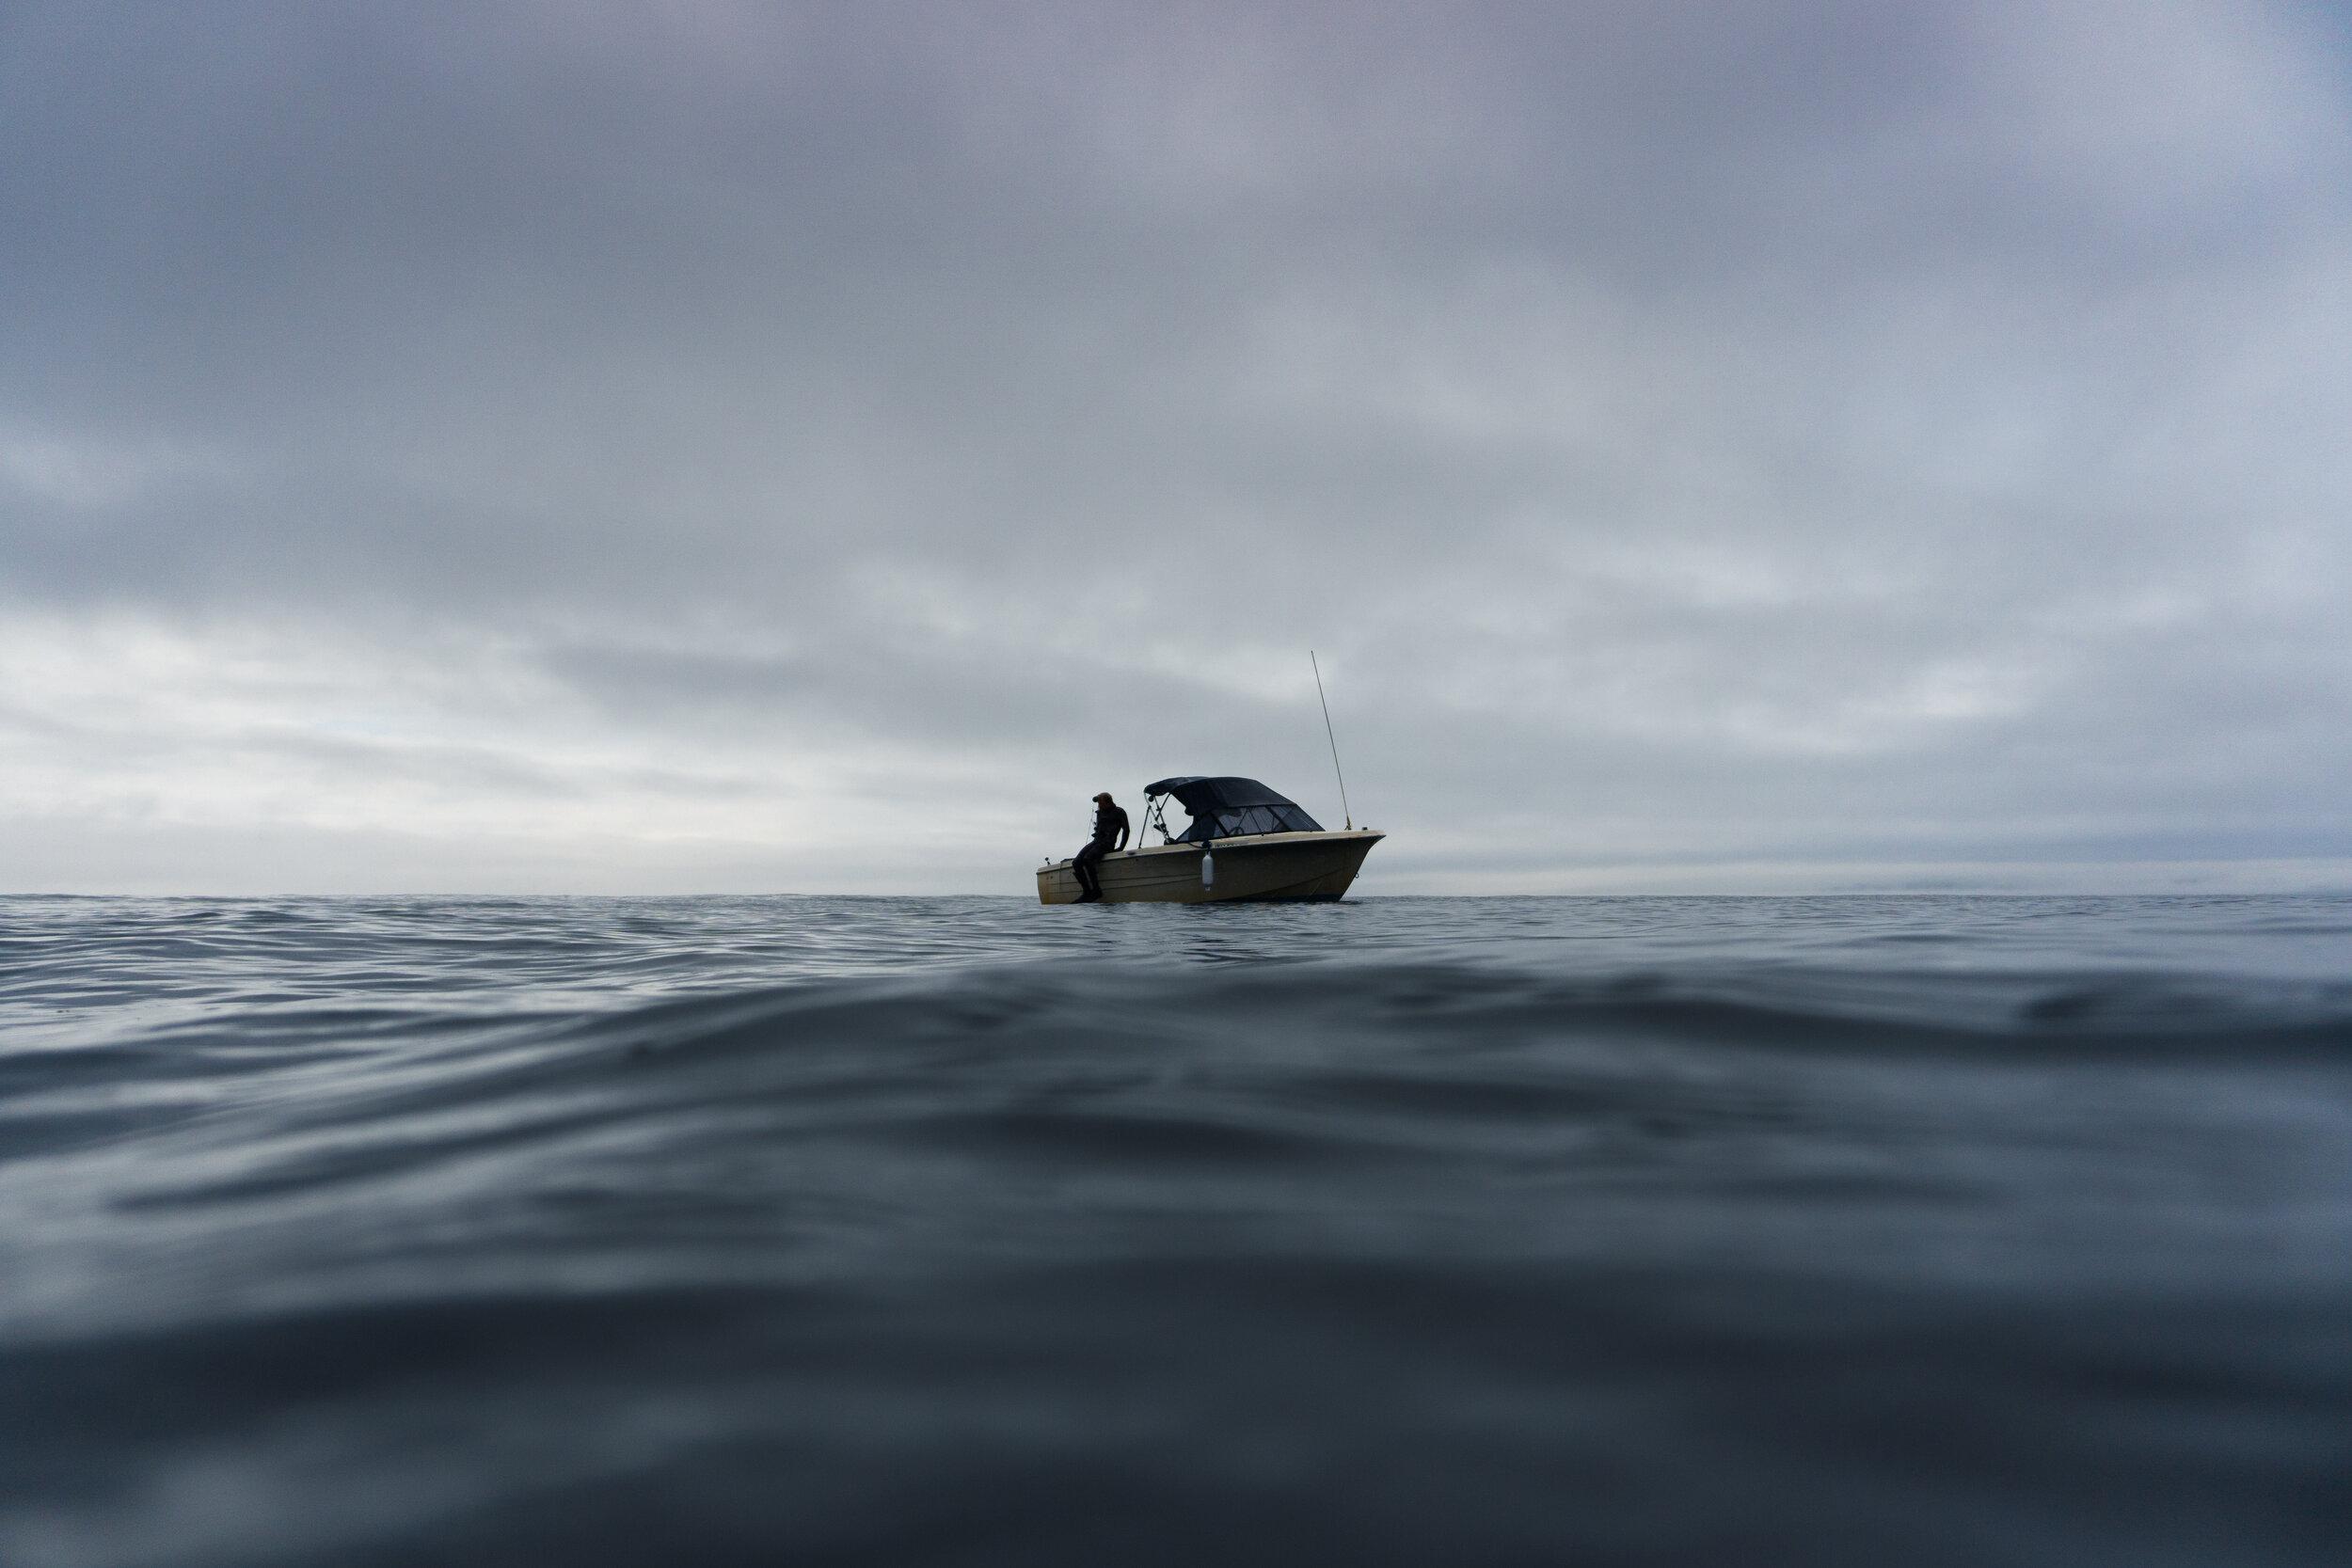 Spear Fisherman on Boat